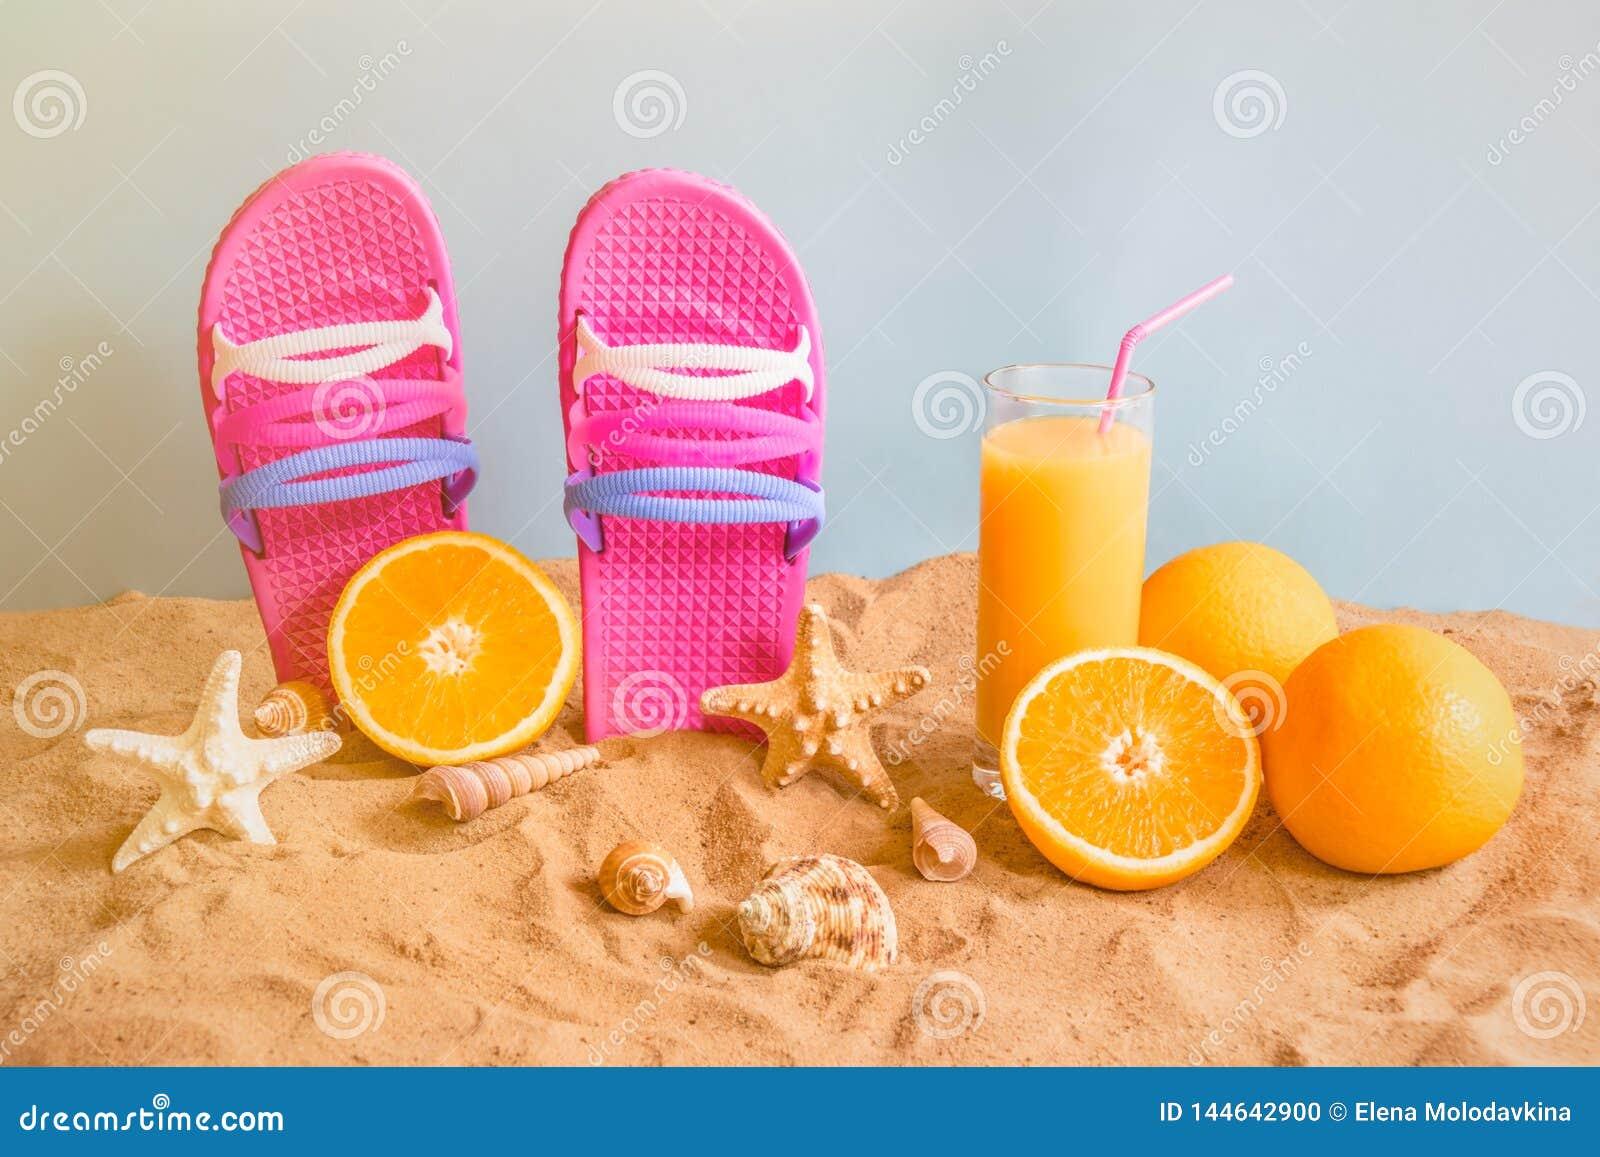 Falhanços de aleta, suco de laranja, laranjas, estrelas do mar e conchas do mar na praia da areia no contexto azul